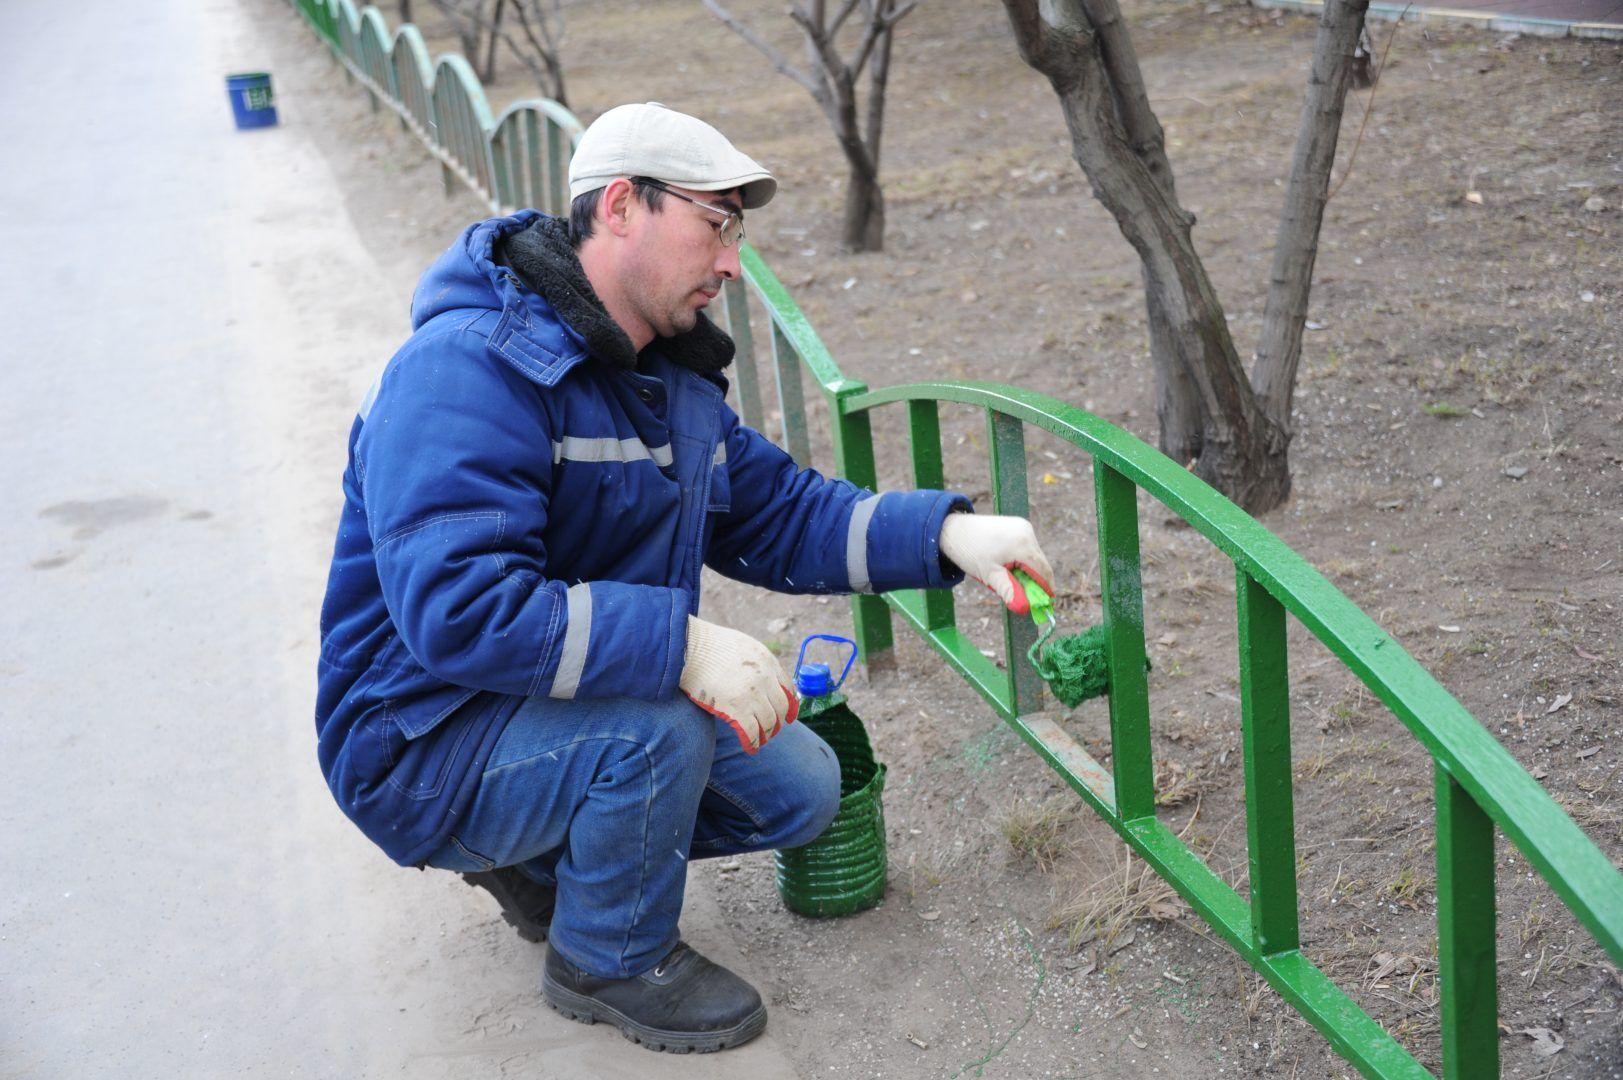 Месячник по благоустройству стартовал в столице. Фото: Светлана Колоскова, «Вечерняя Москва»